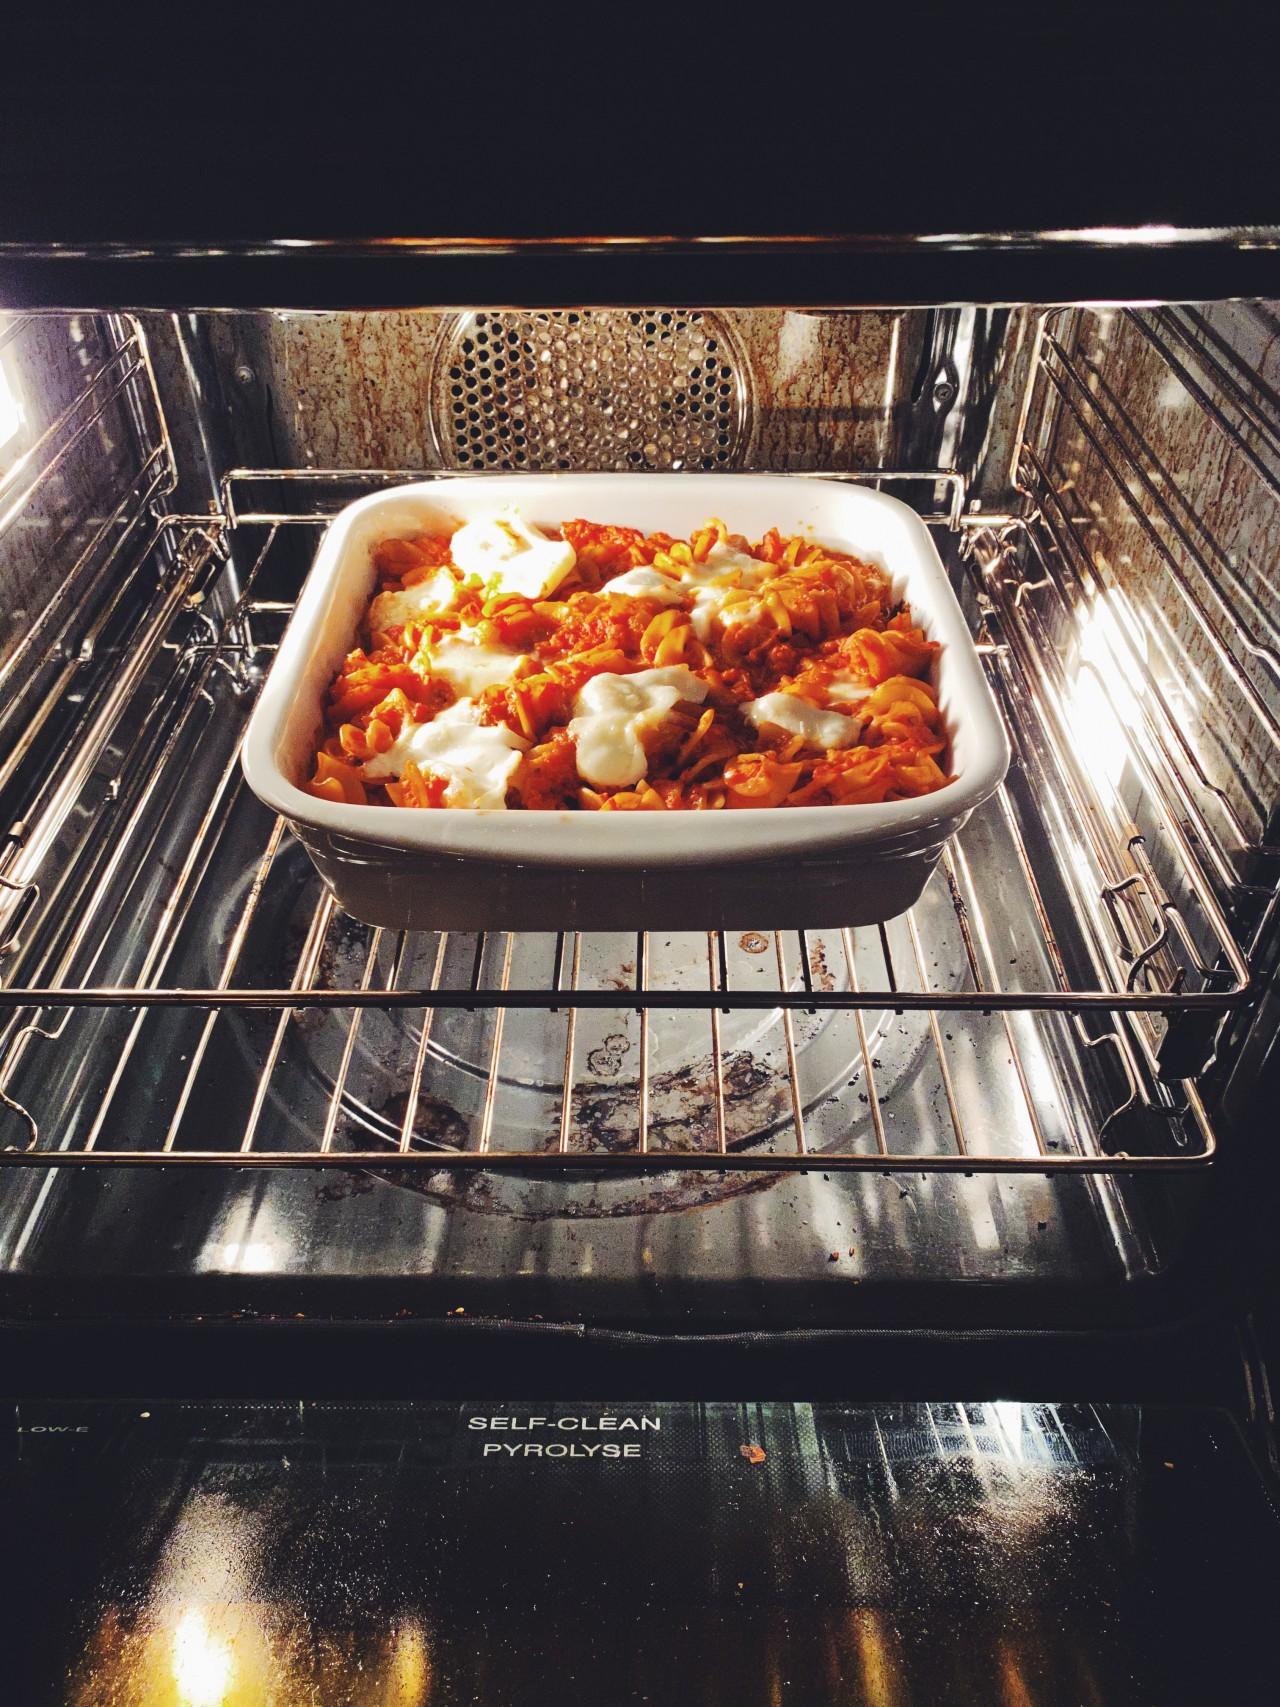 Ziti al forno